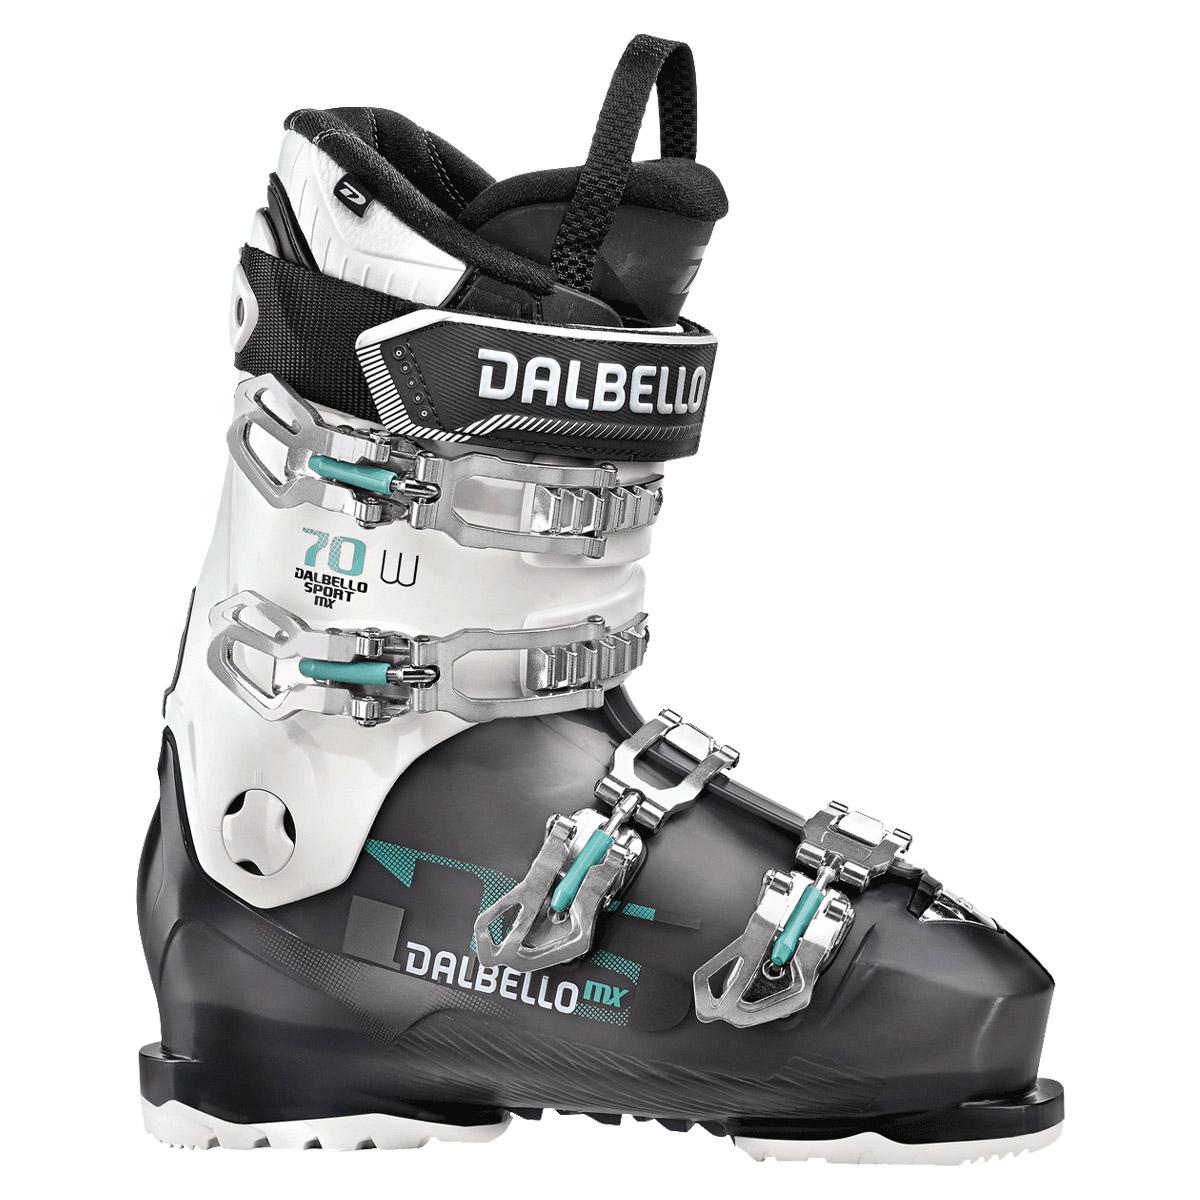 Scarponi sci Dalbello Ds Mx 100 (Colore: Black, Taglia: 28.5)